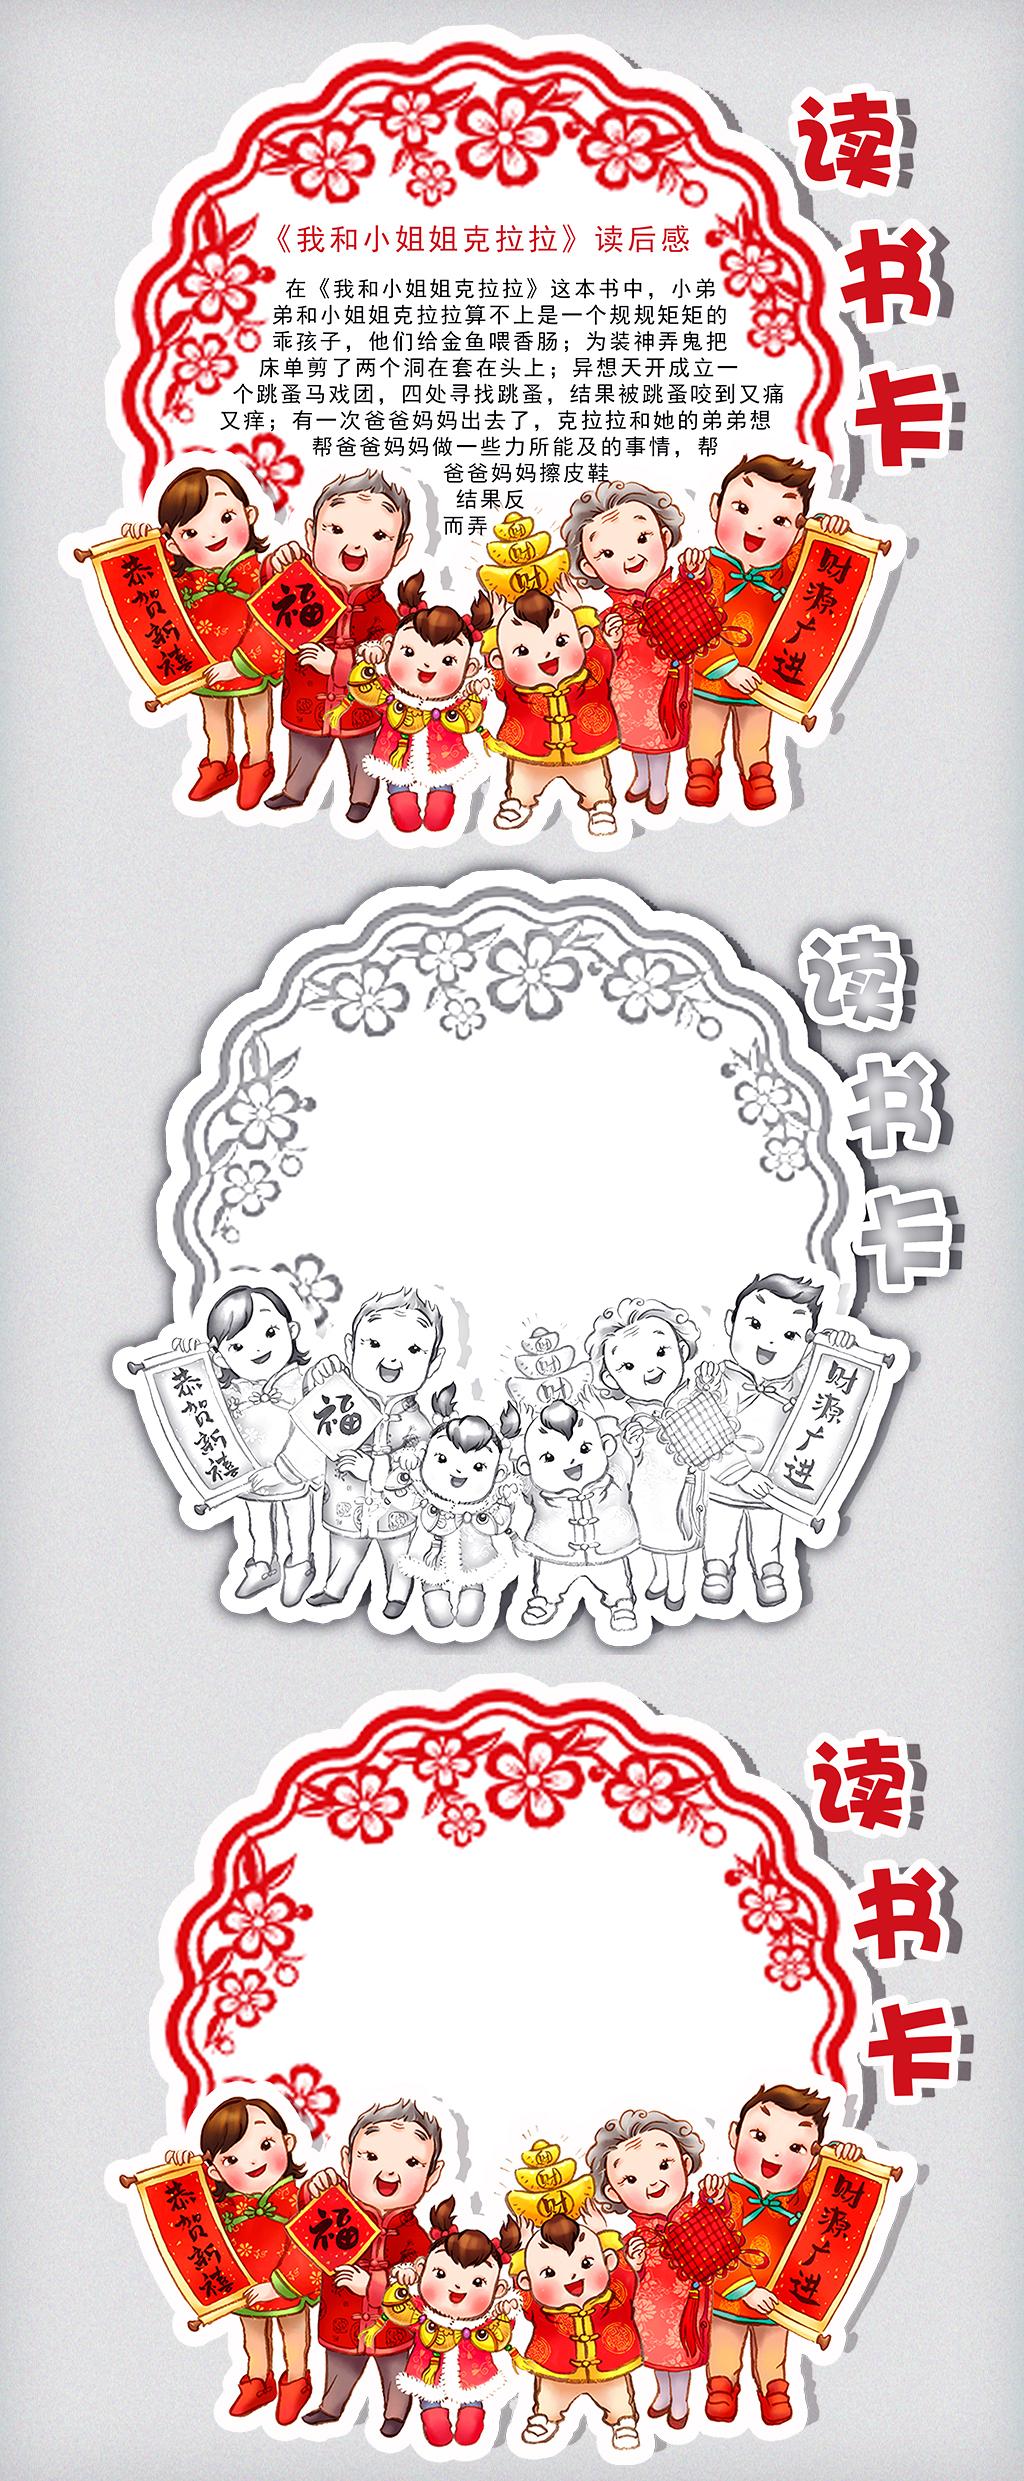 红色过年全家福春节剪纸圆形读书卡